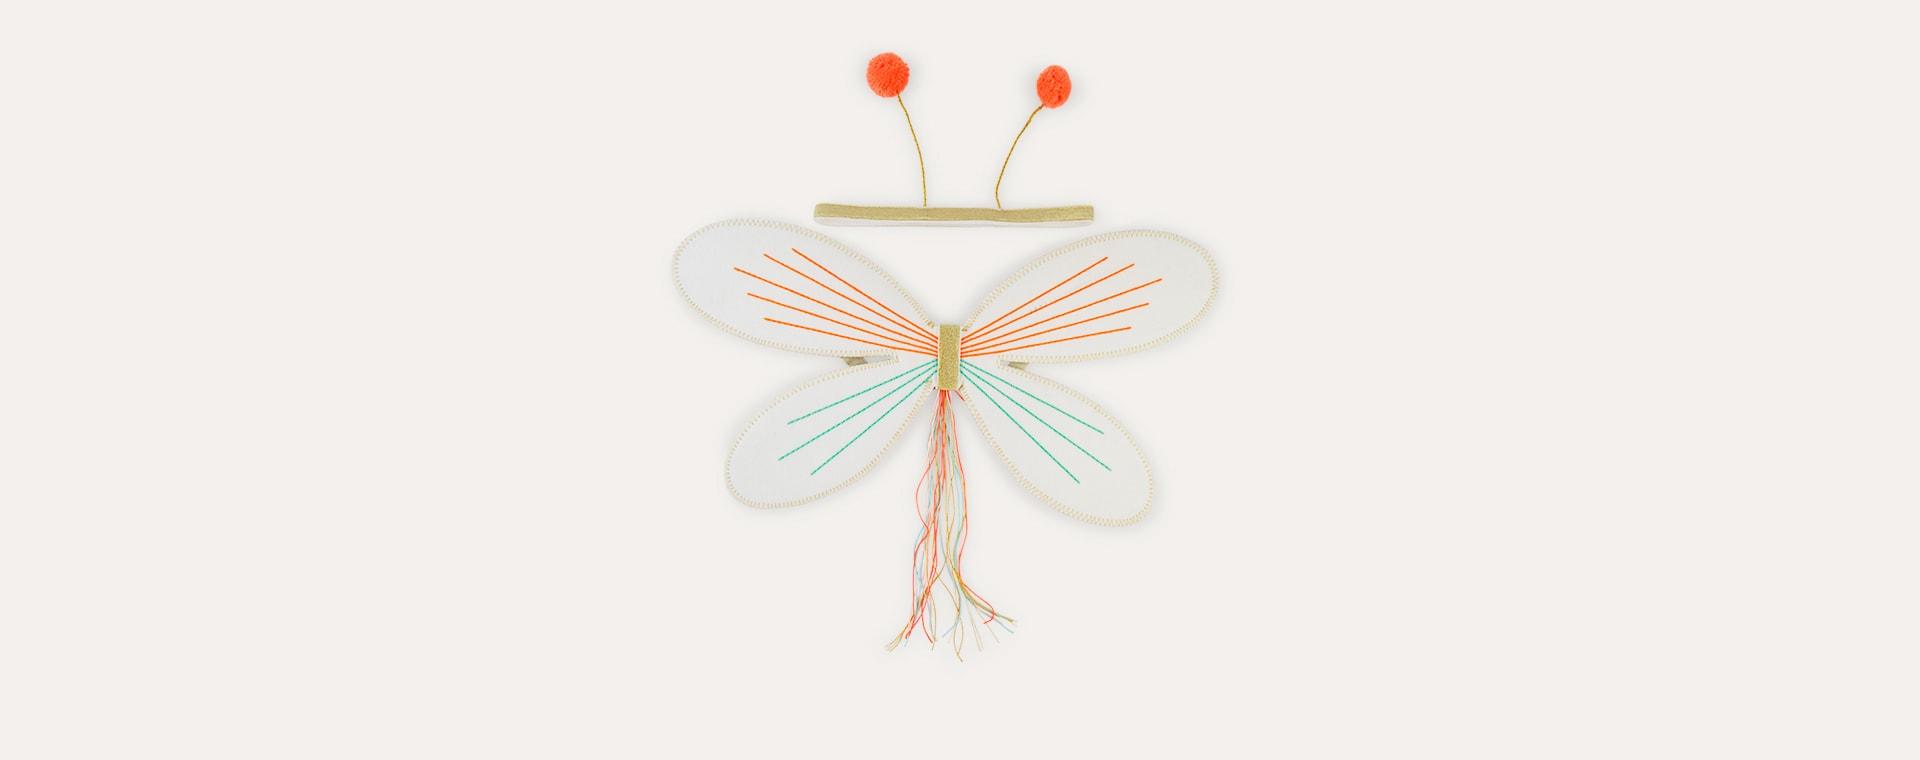 Cream Meri Meri Butterfly Dress Up Kit